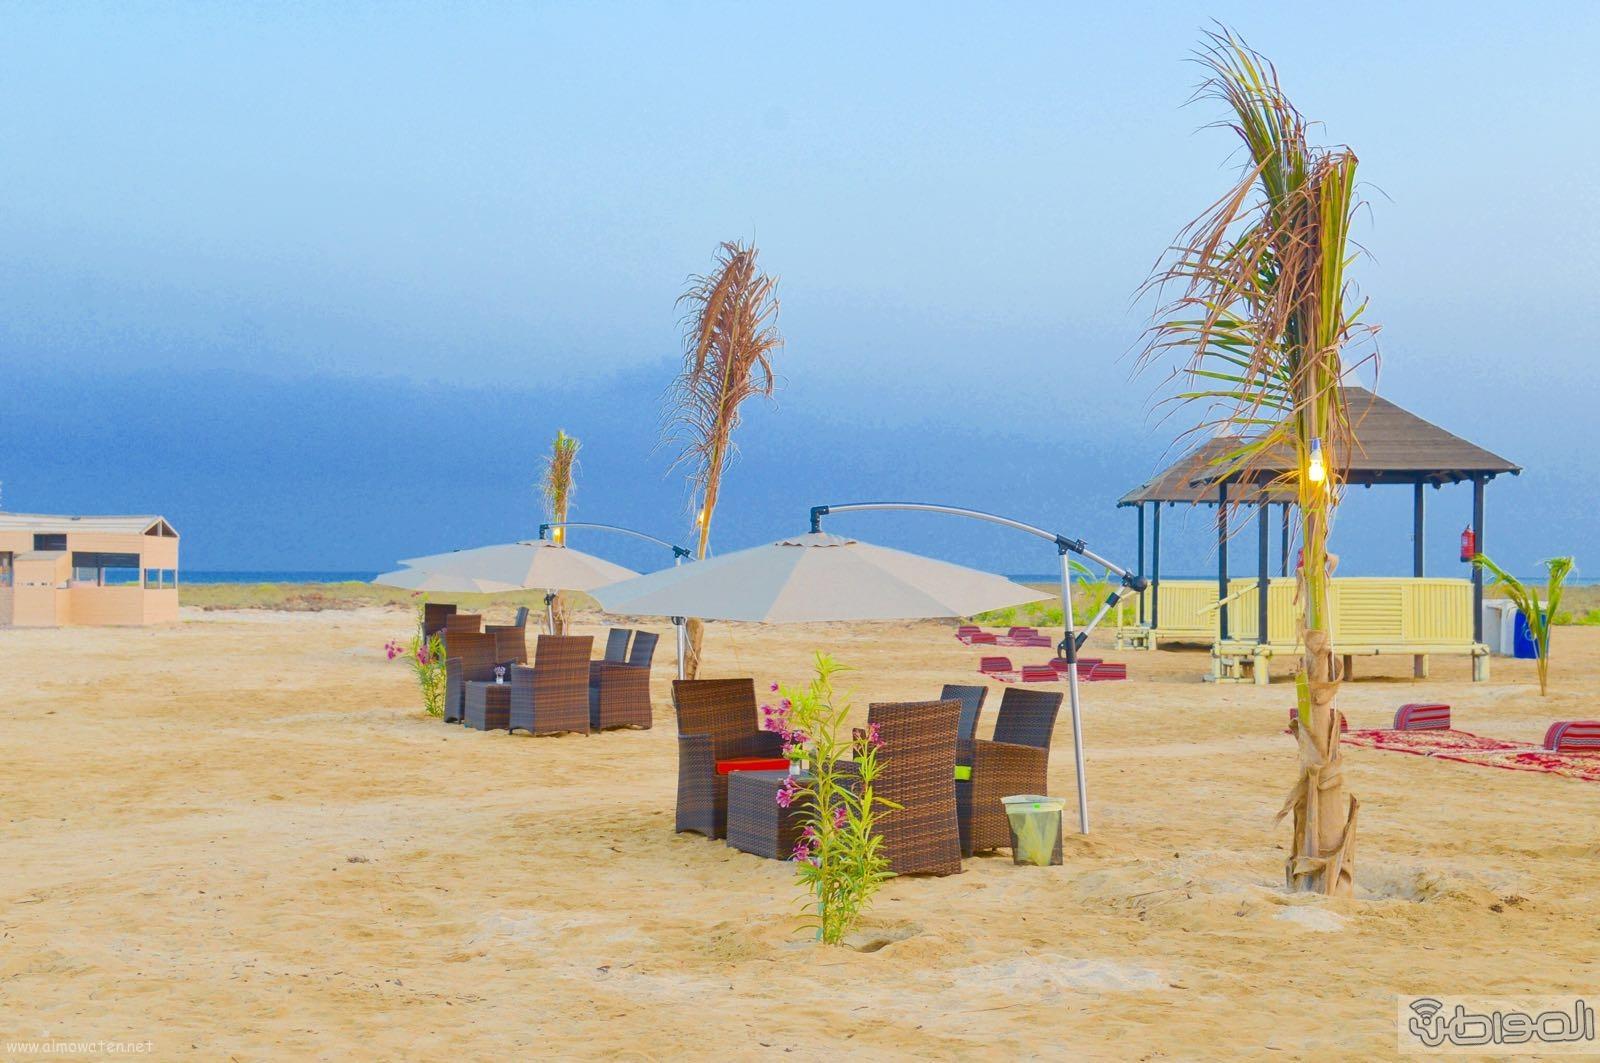 اول جزيرة يتم تهيئتها للسياحة بالمملكة (16)